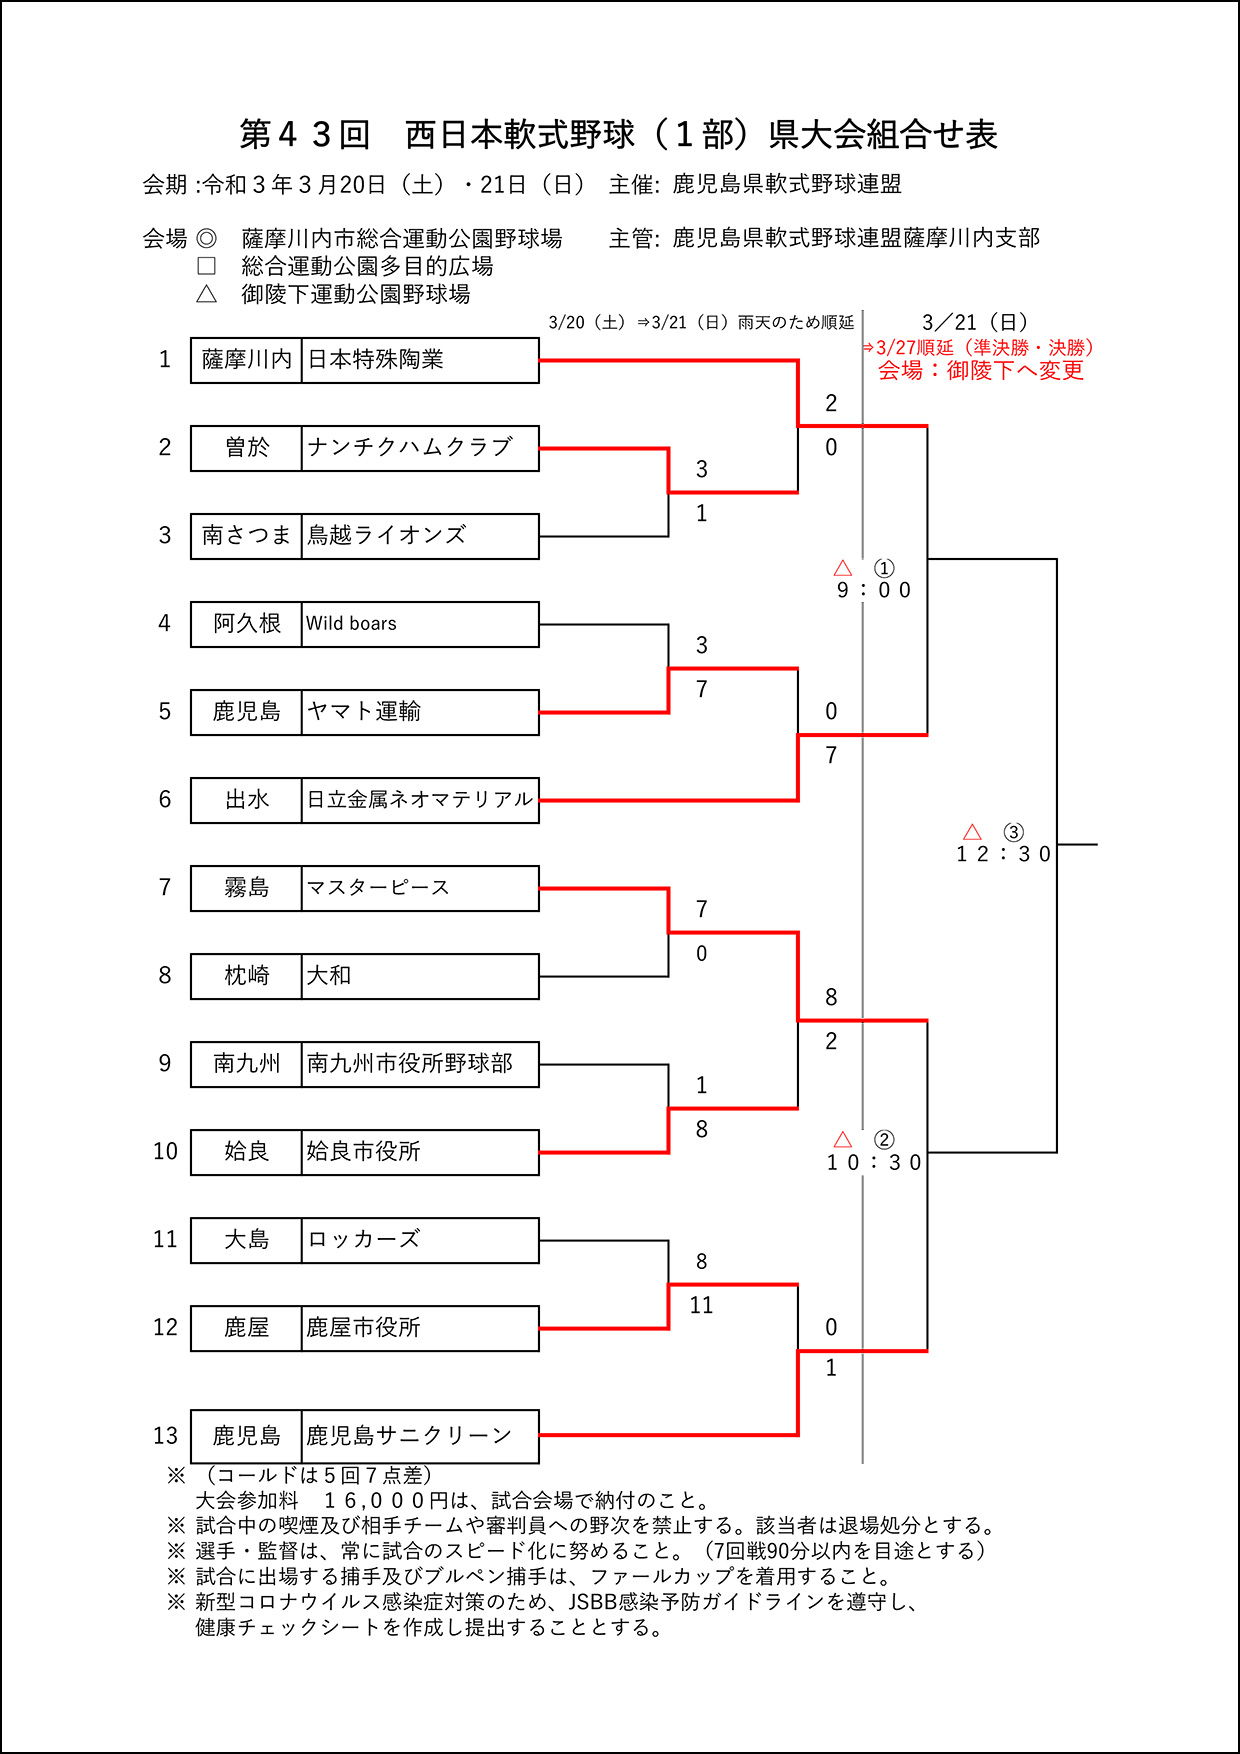 【途中経過】第43回西日本軟式野球(1部)県大会